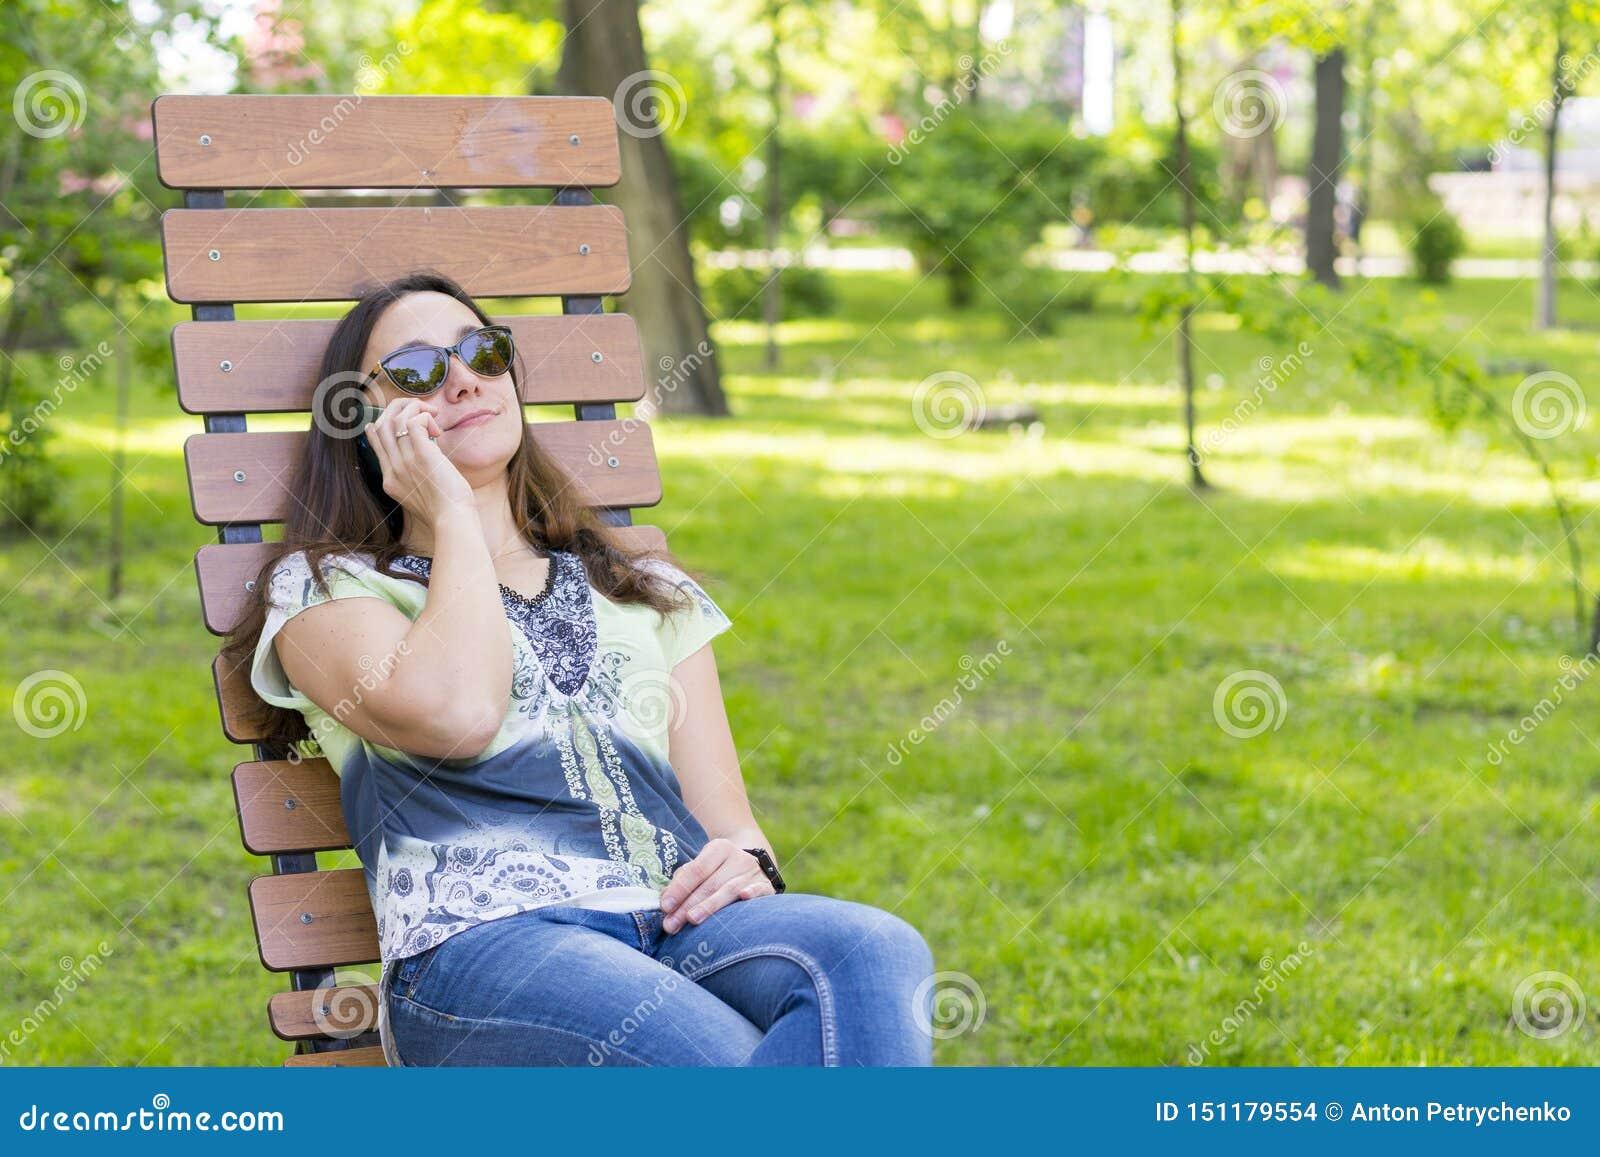 叫时髦时兴的美女谈话在她的手机在公园 美丽的年轻女人谈话手机一会儿